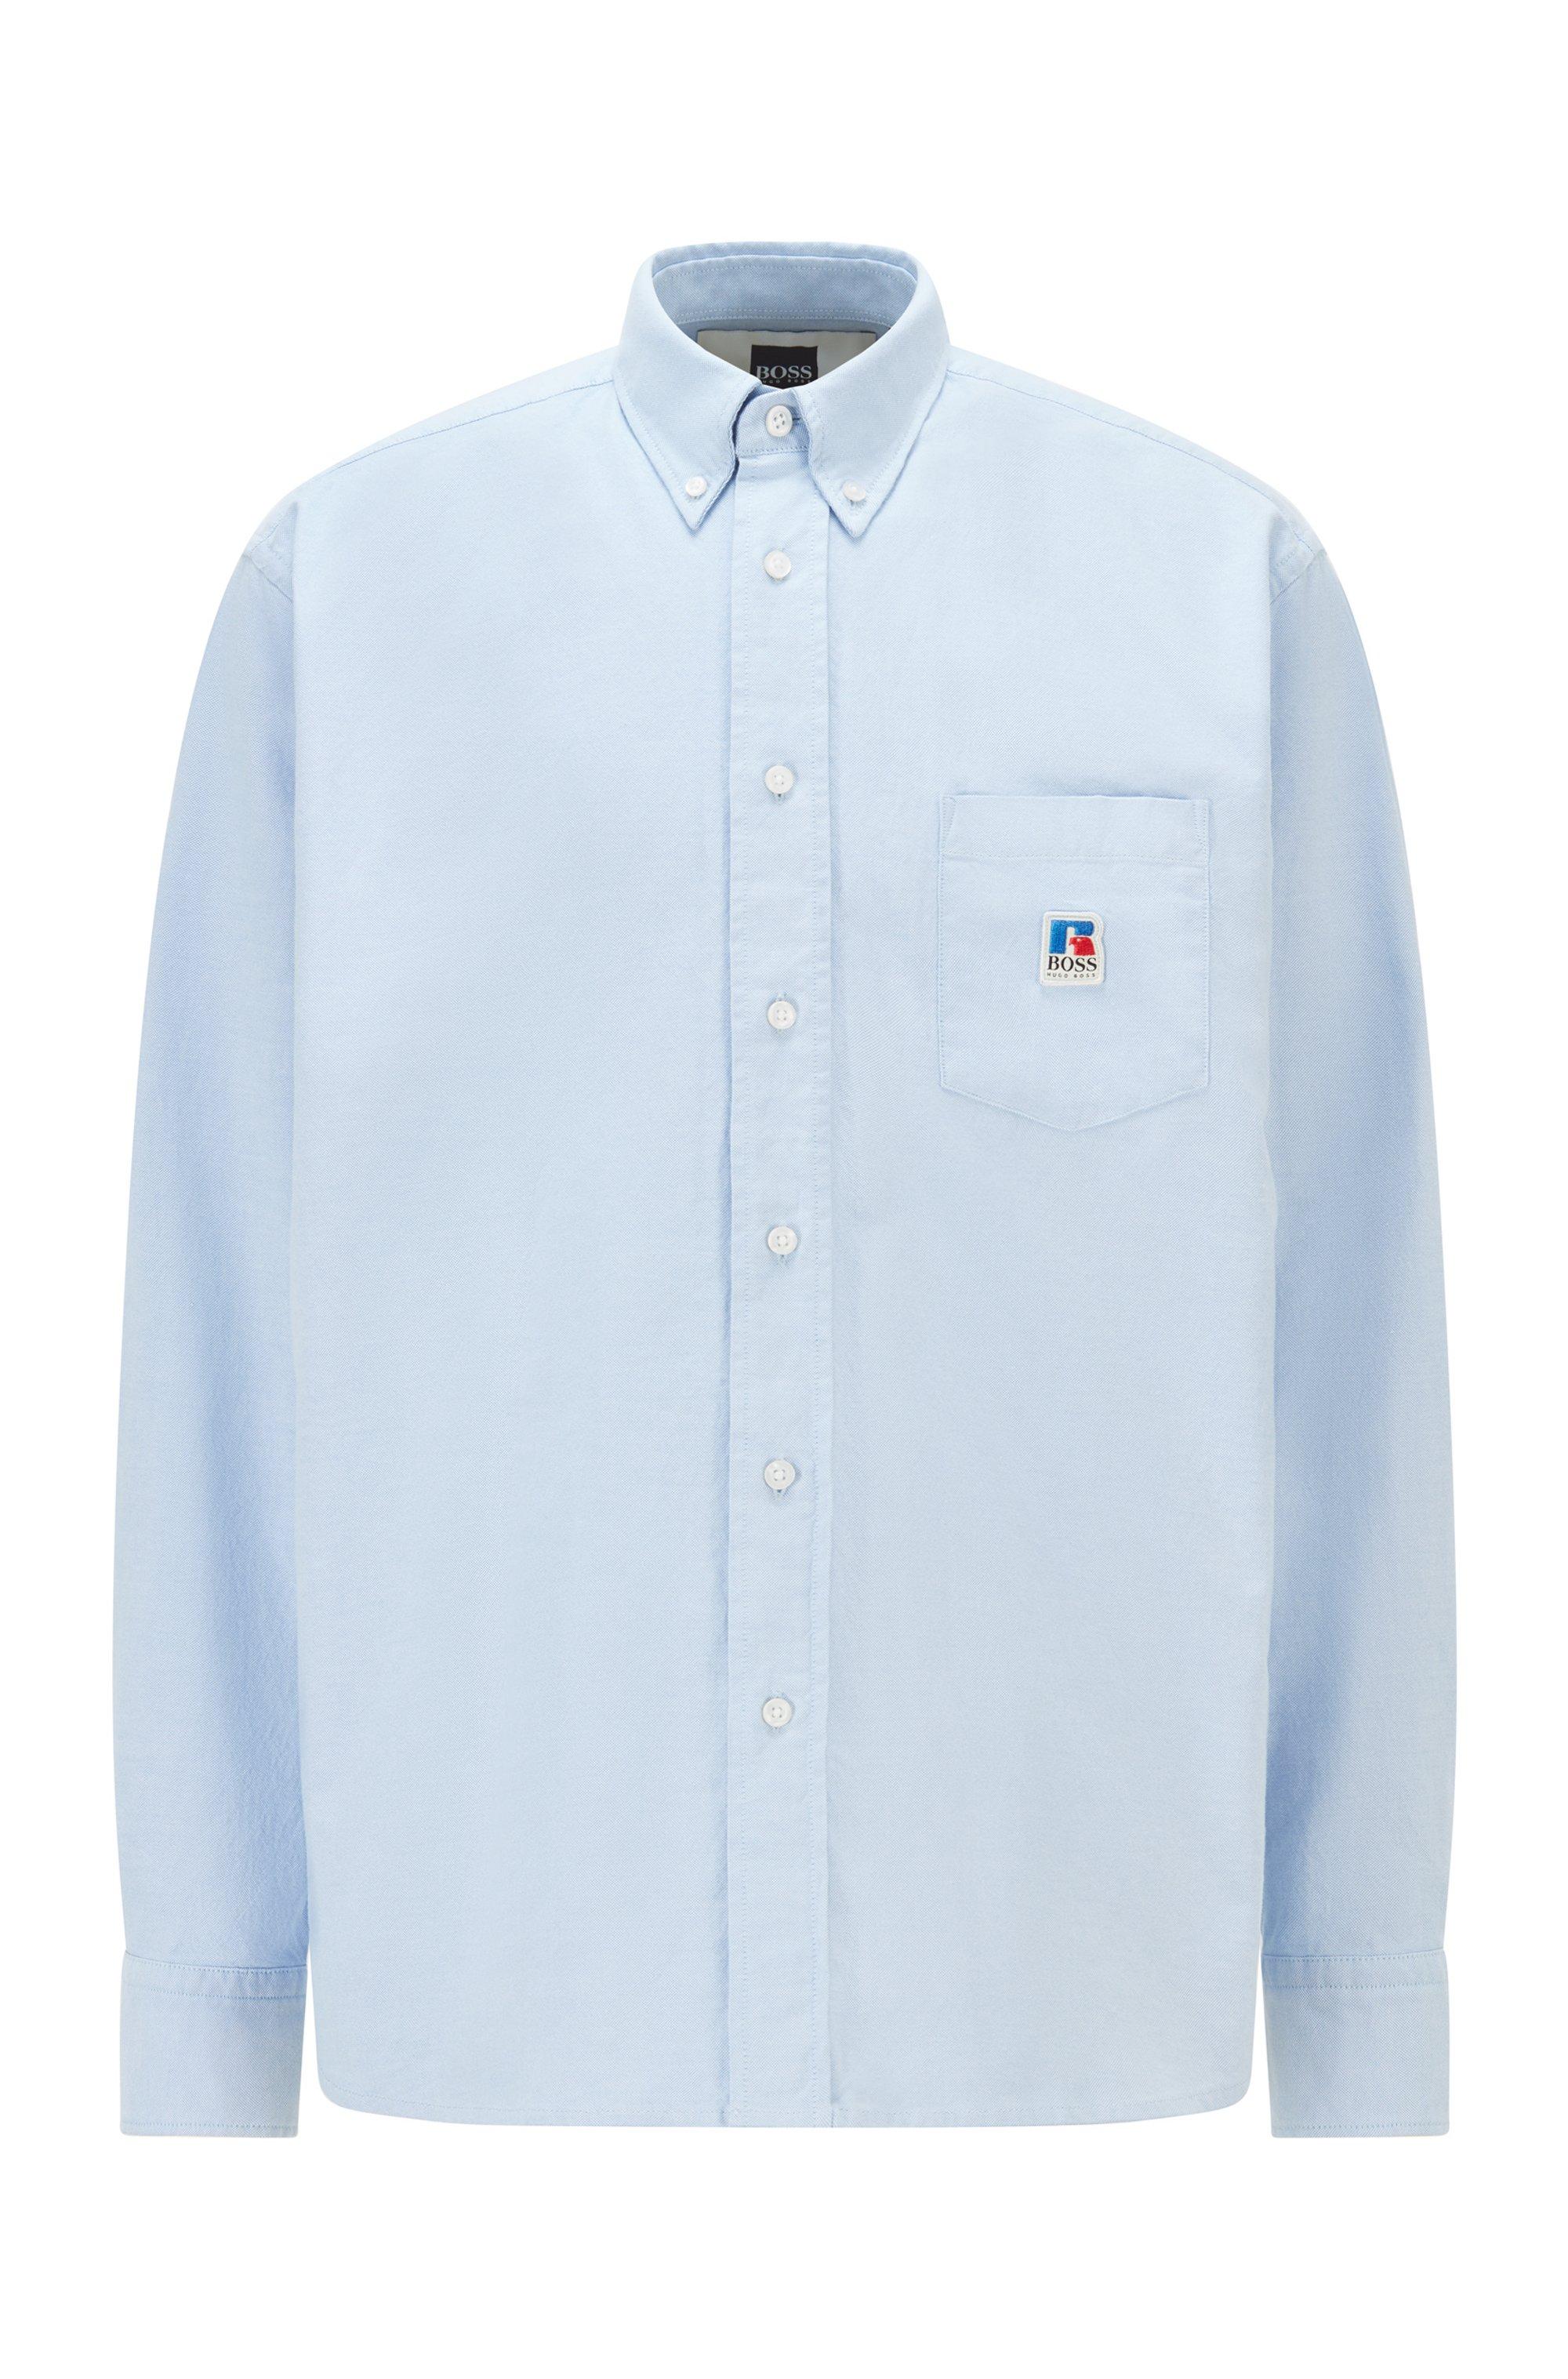 Camisa relaxed fit en algodón Oxford con logo exclusivo, Celeste